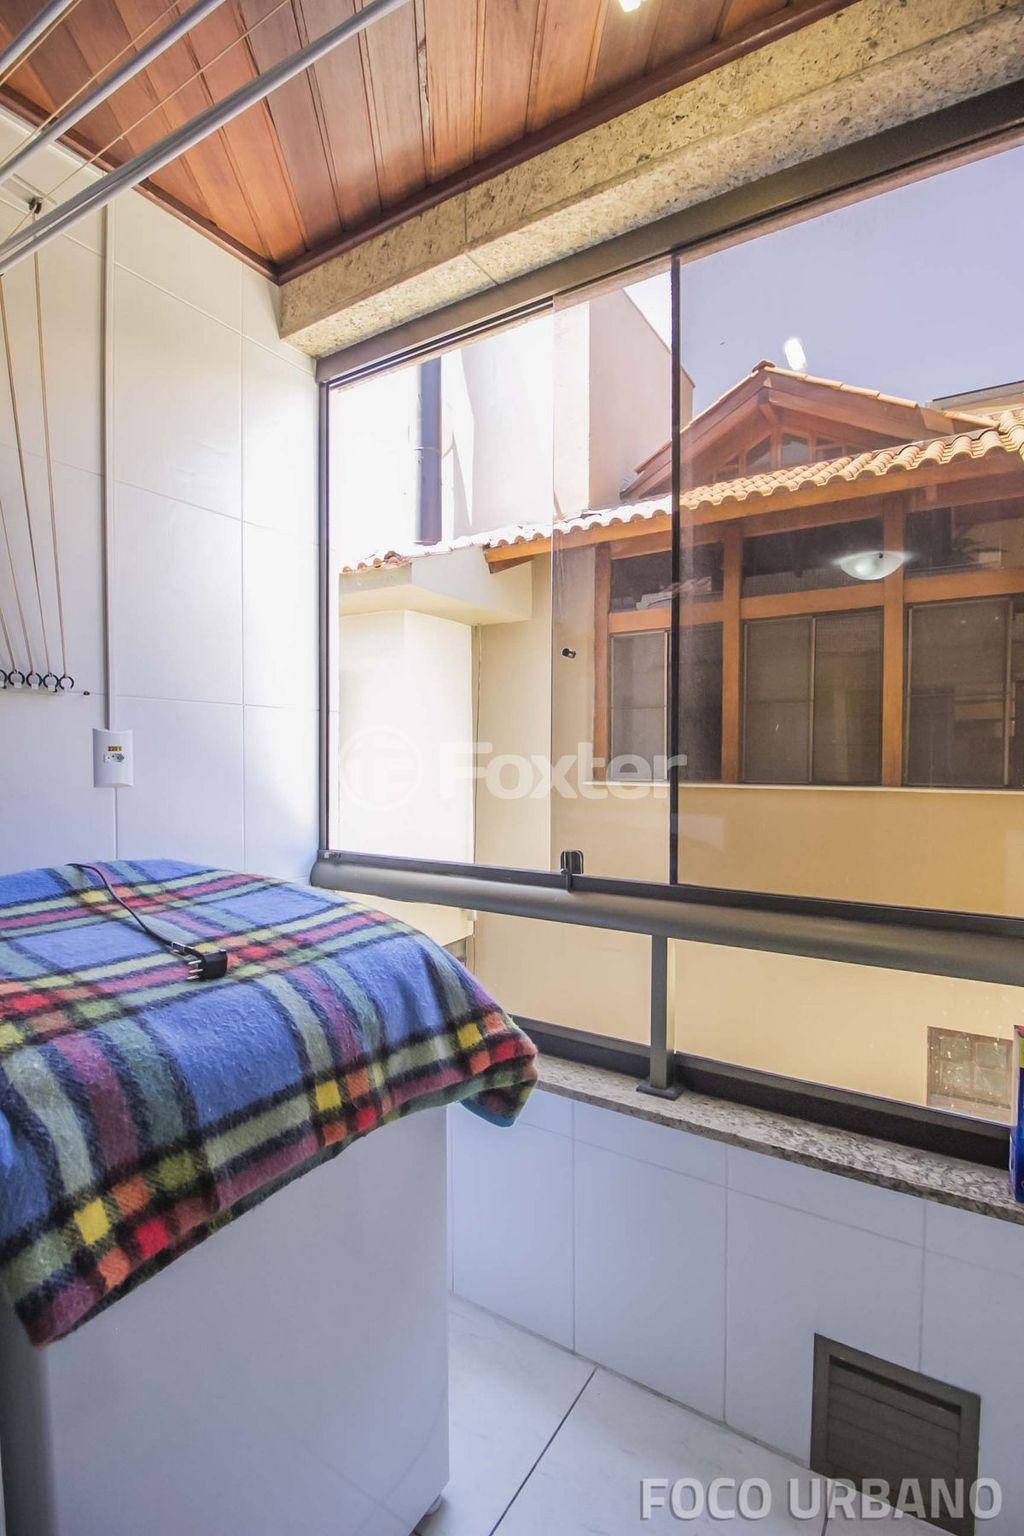 Foxter Imobiliária - Cobertura 3 Dorm (135857) - Foto 32